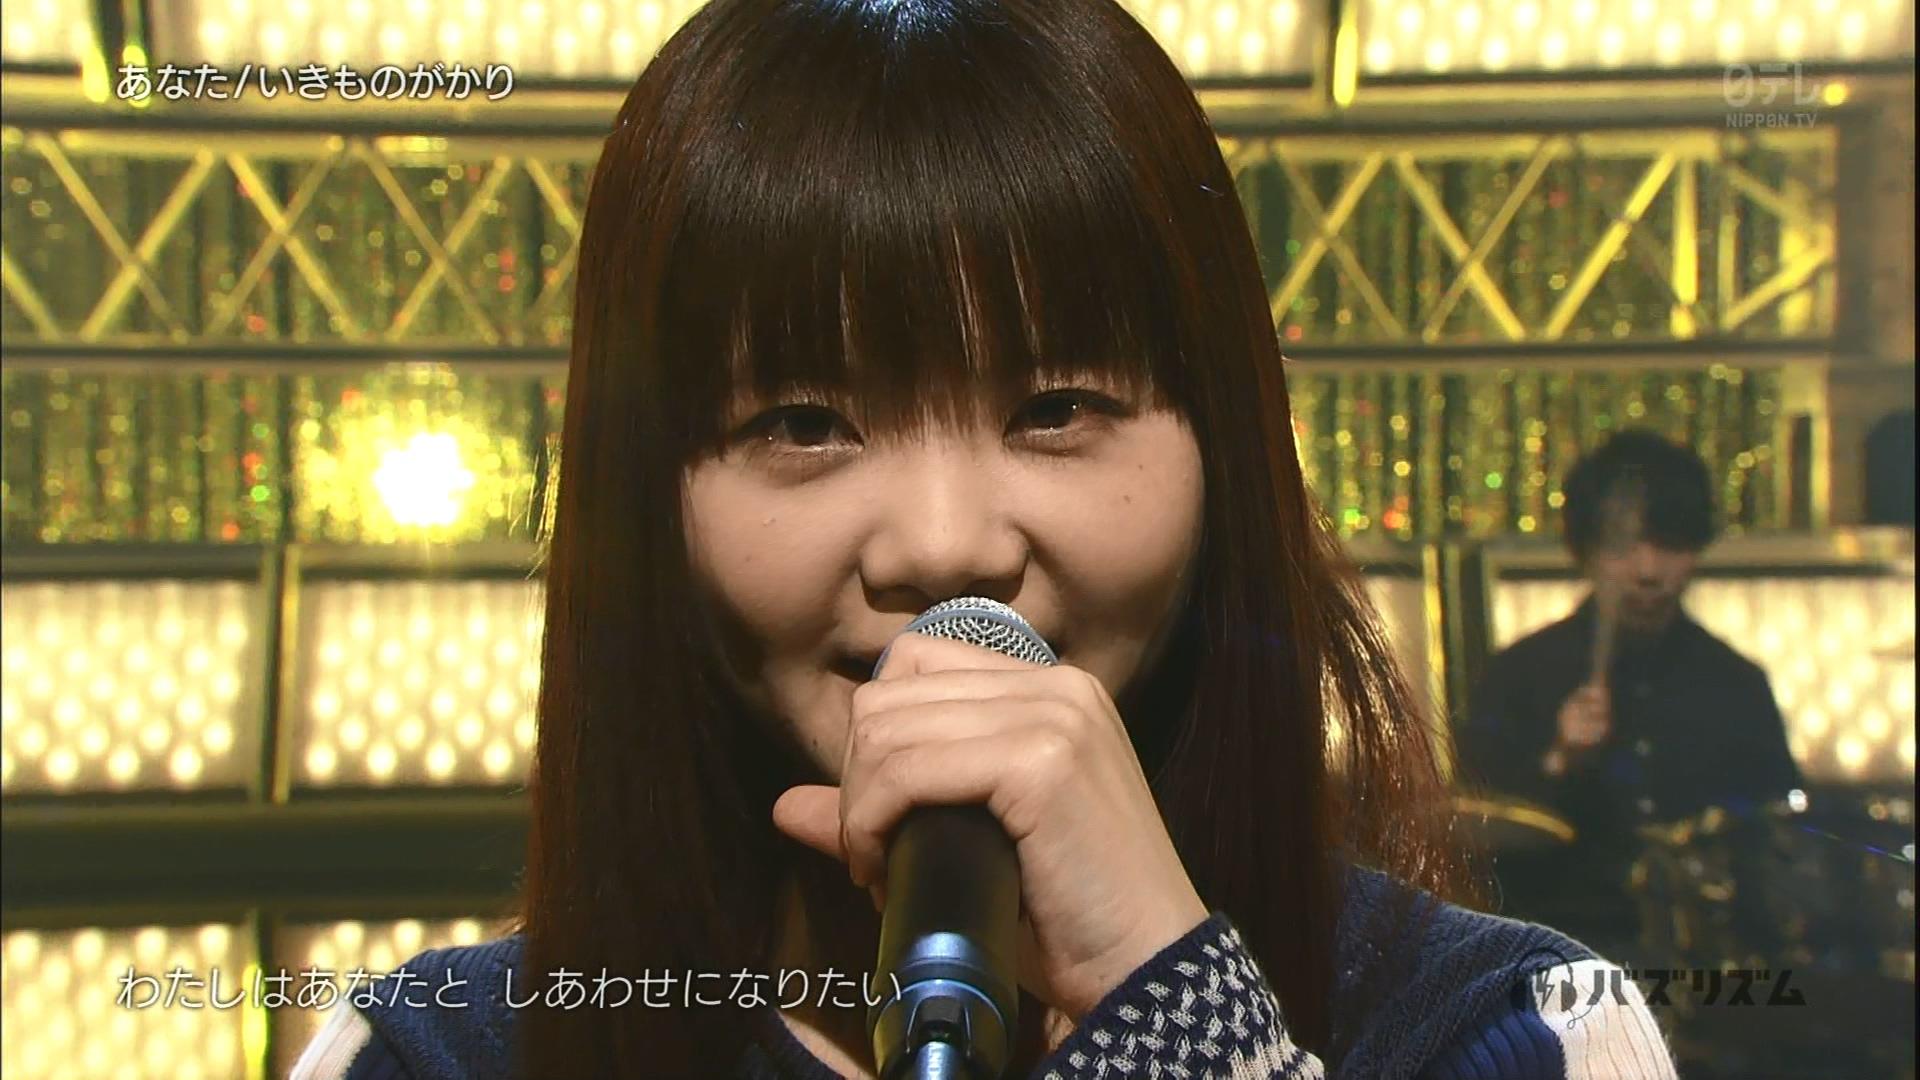 2016.03.11 全場(バズリズム).ts_20160312_023604.720